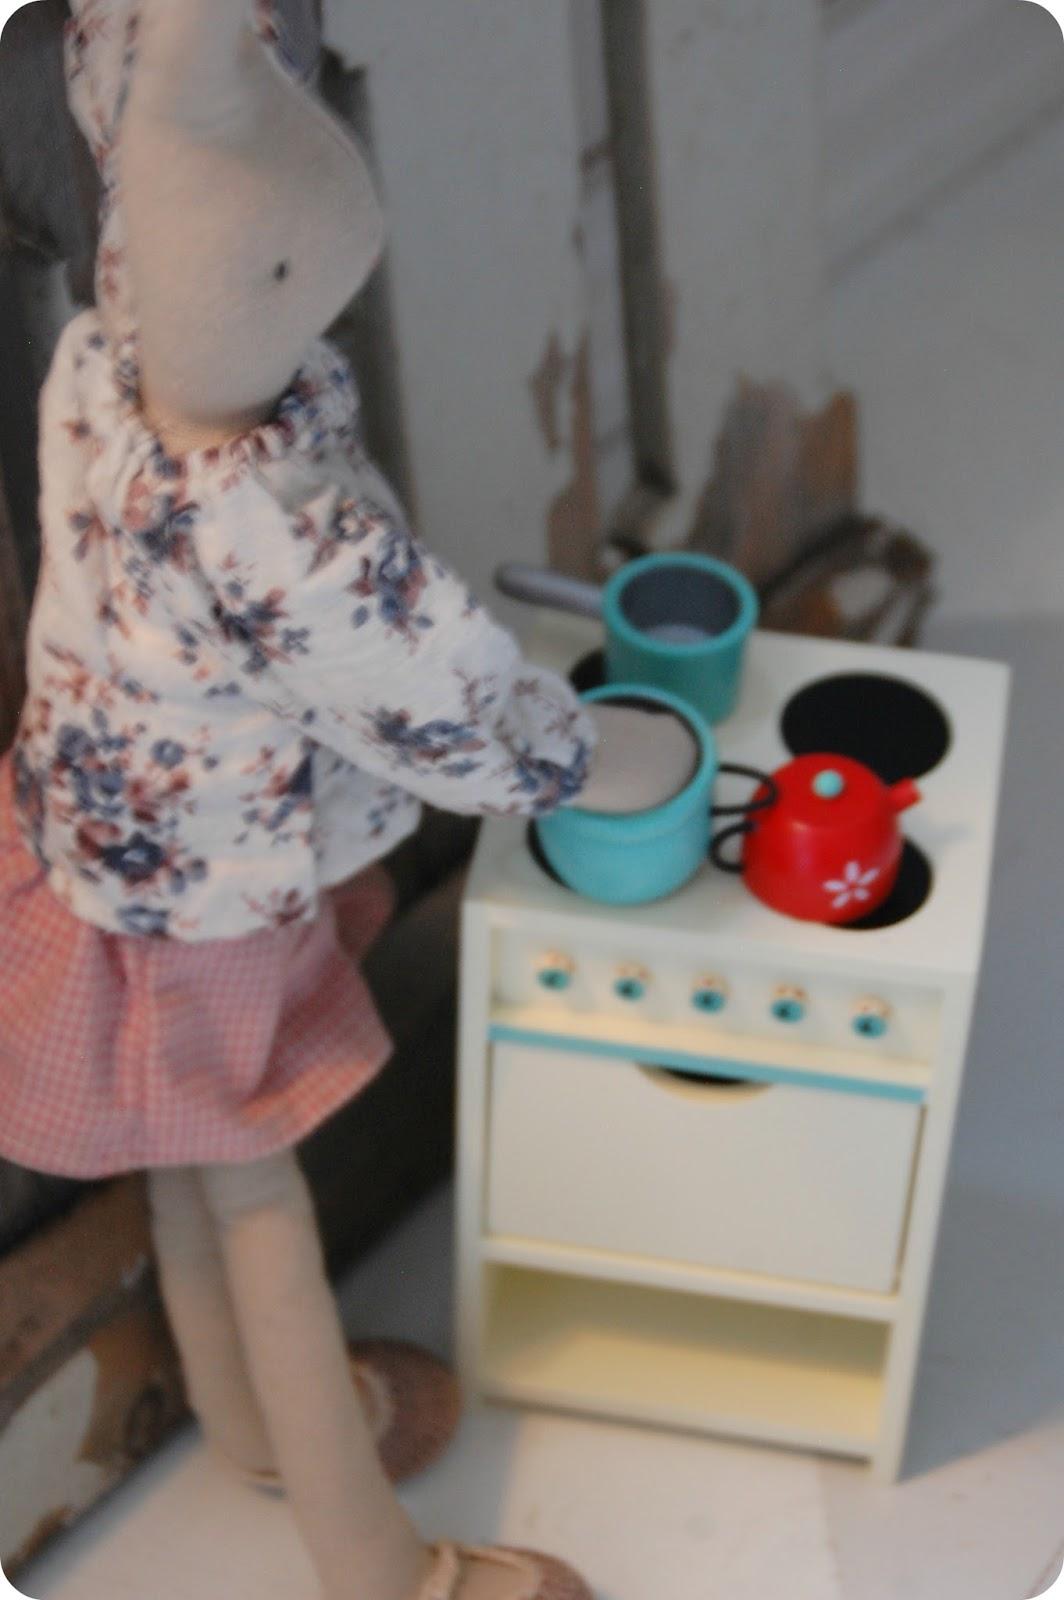 vondt i eggstokkene nakenbilder jenter